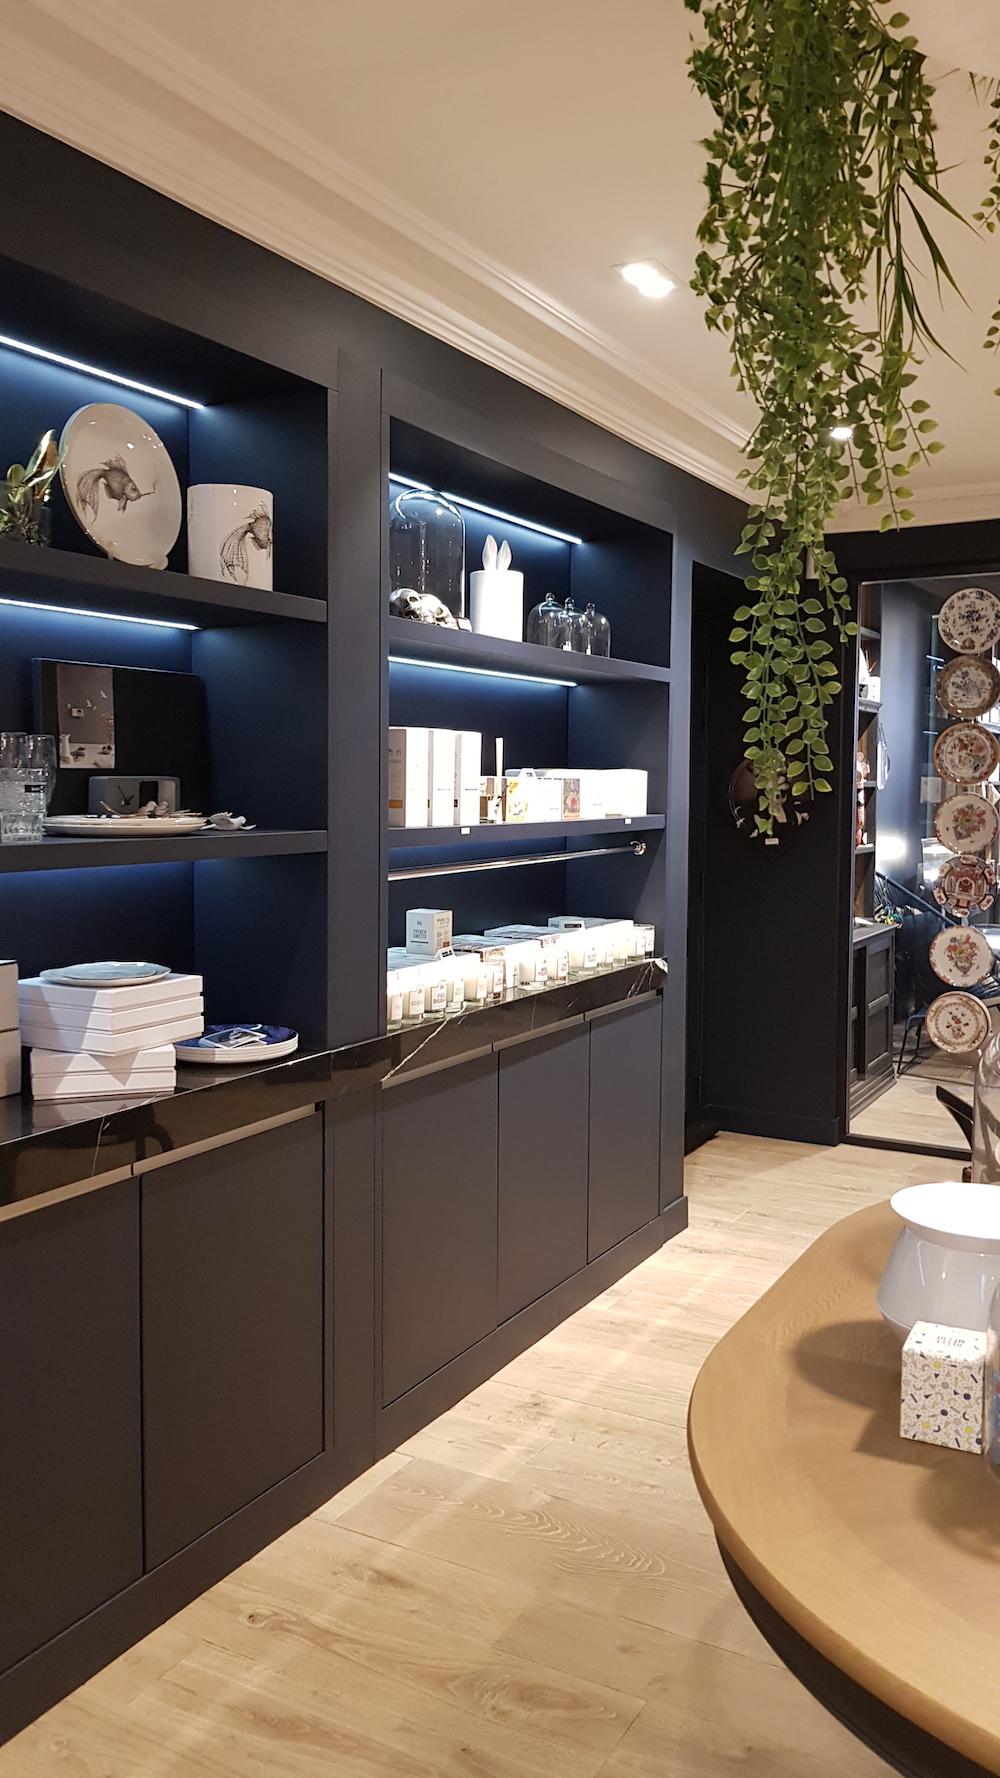 Renovation-boutique-decoration-lagny-77-large-2